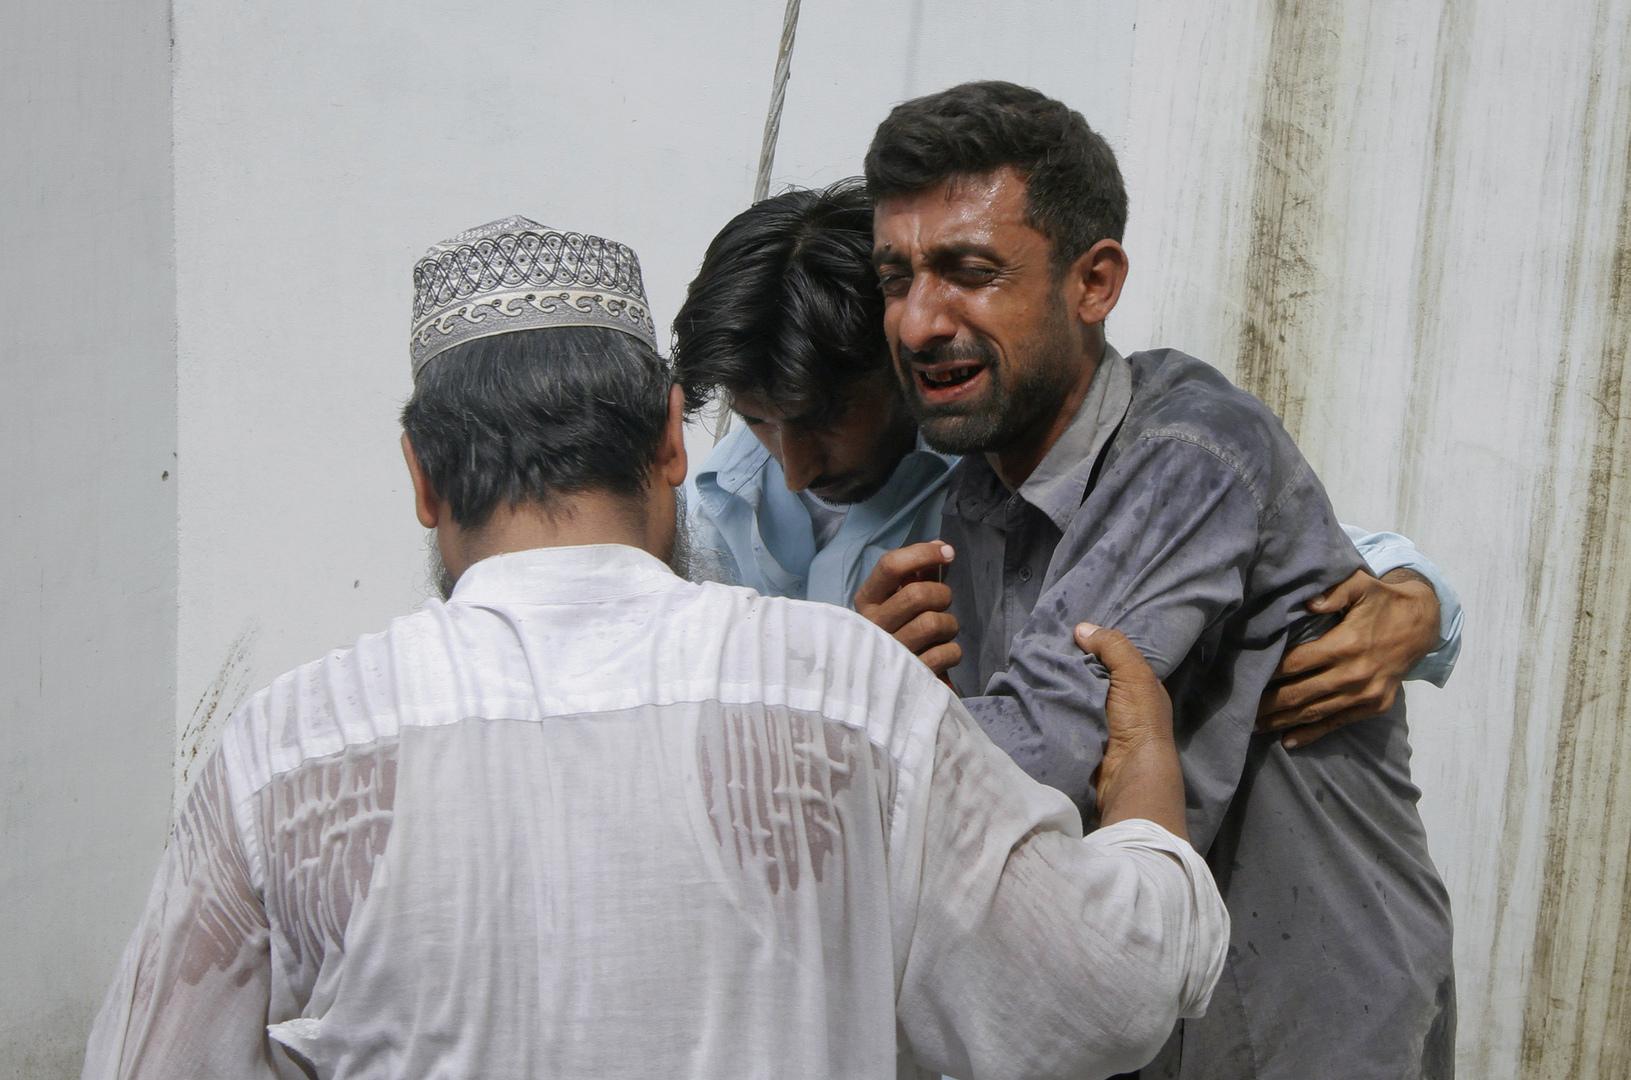 انزلاق أرضي يودي بحياة 16 شخصا في باكستان دفنوا تحت أطنان الطمي والصخور